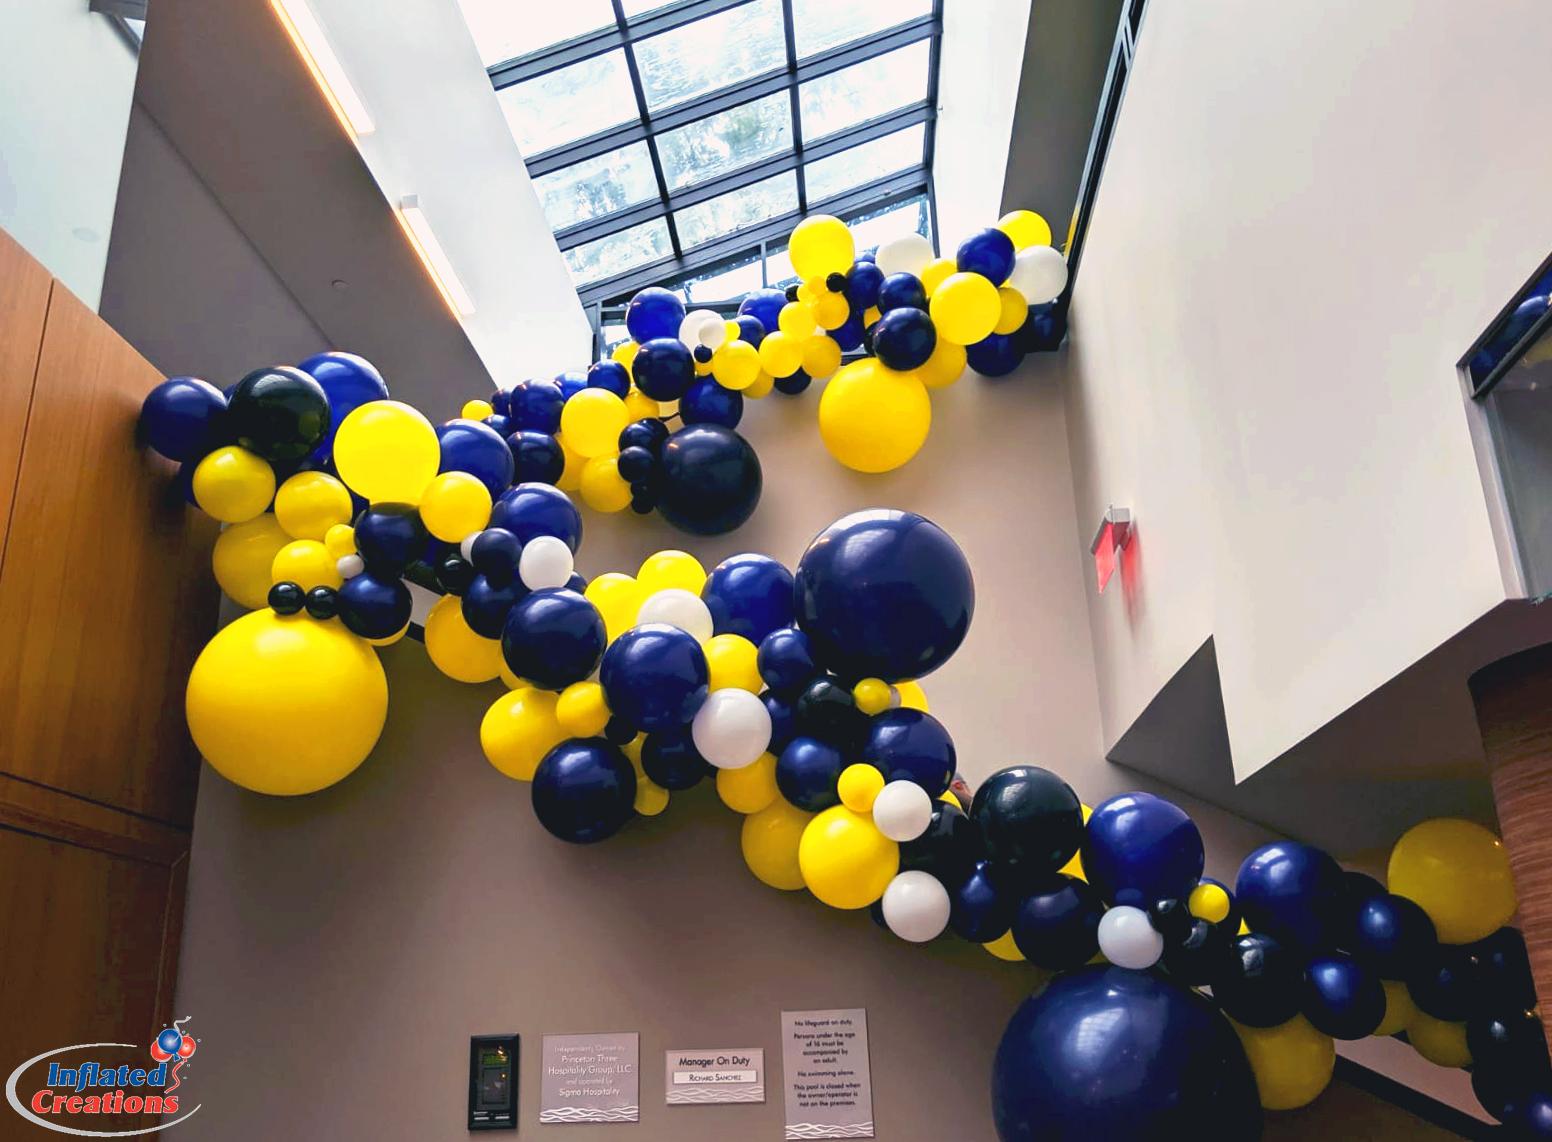 Organic Balloon Arch - Stair-Climber